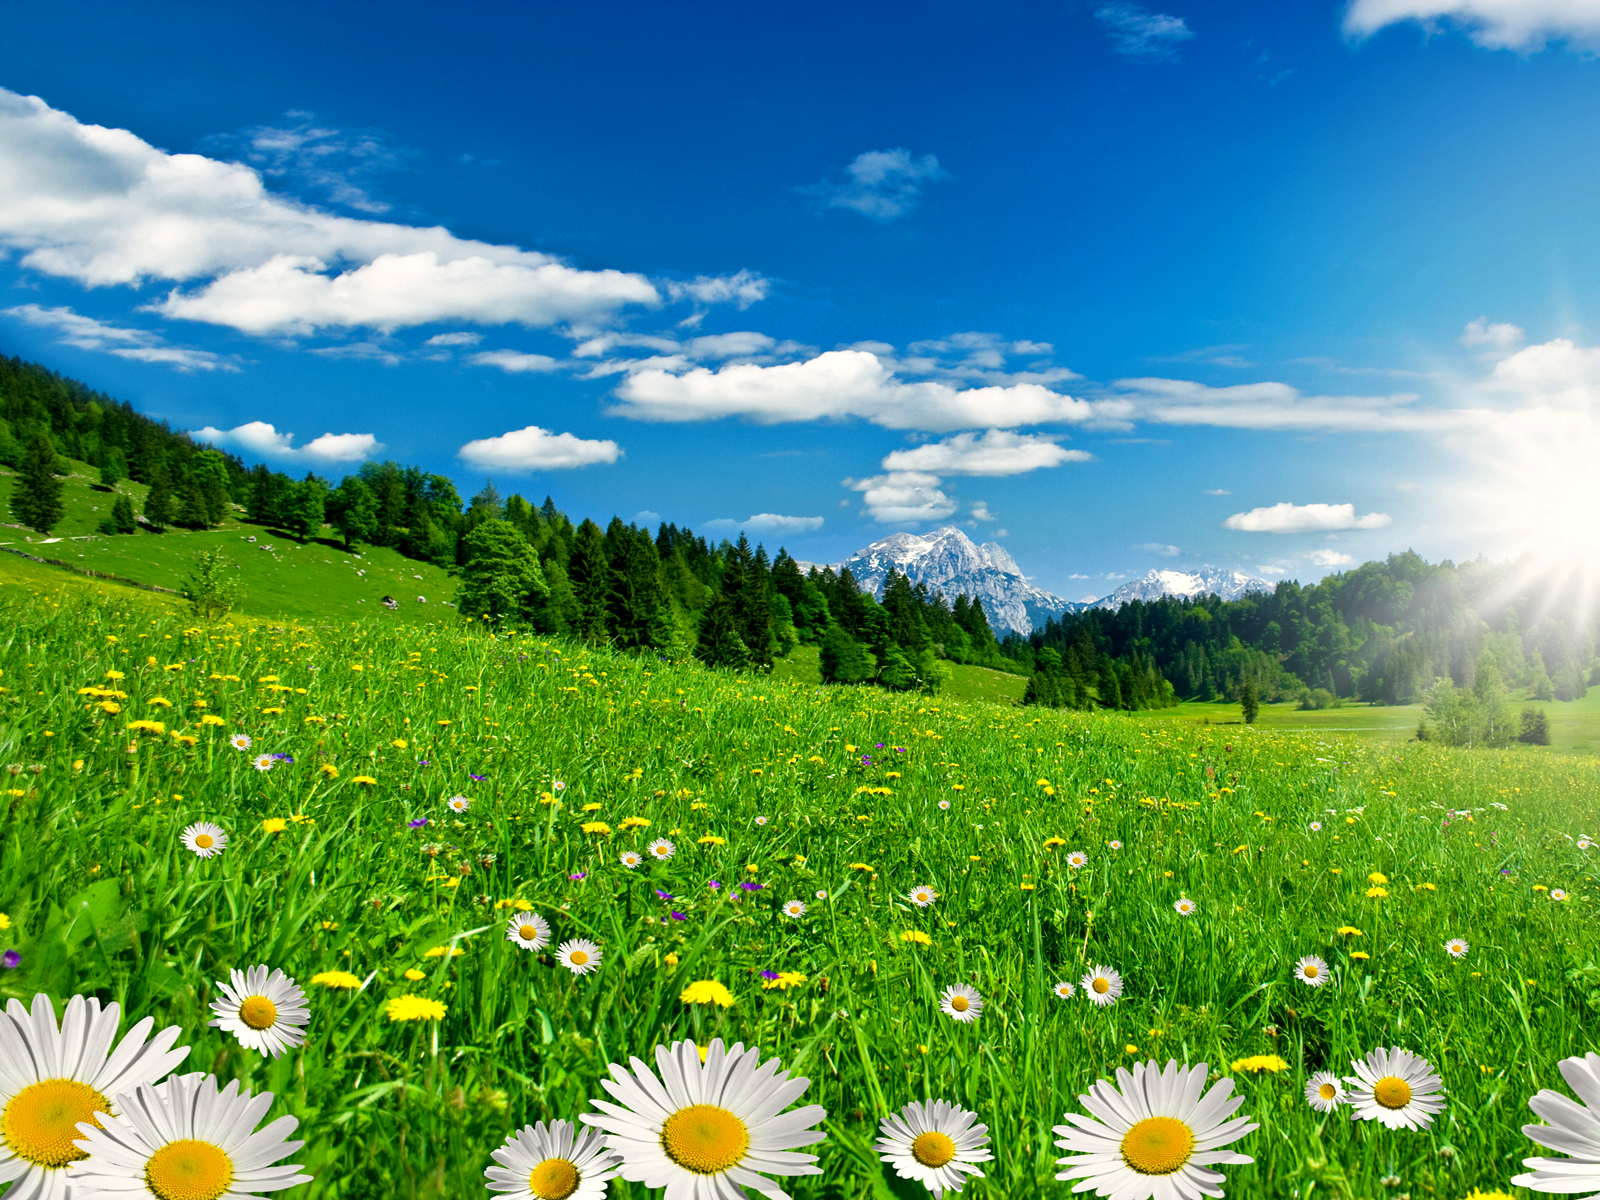 большая зеленая поляна с ромашками, скачать фото, небо, весна